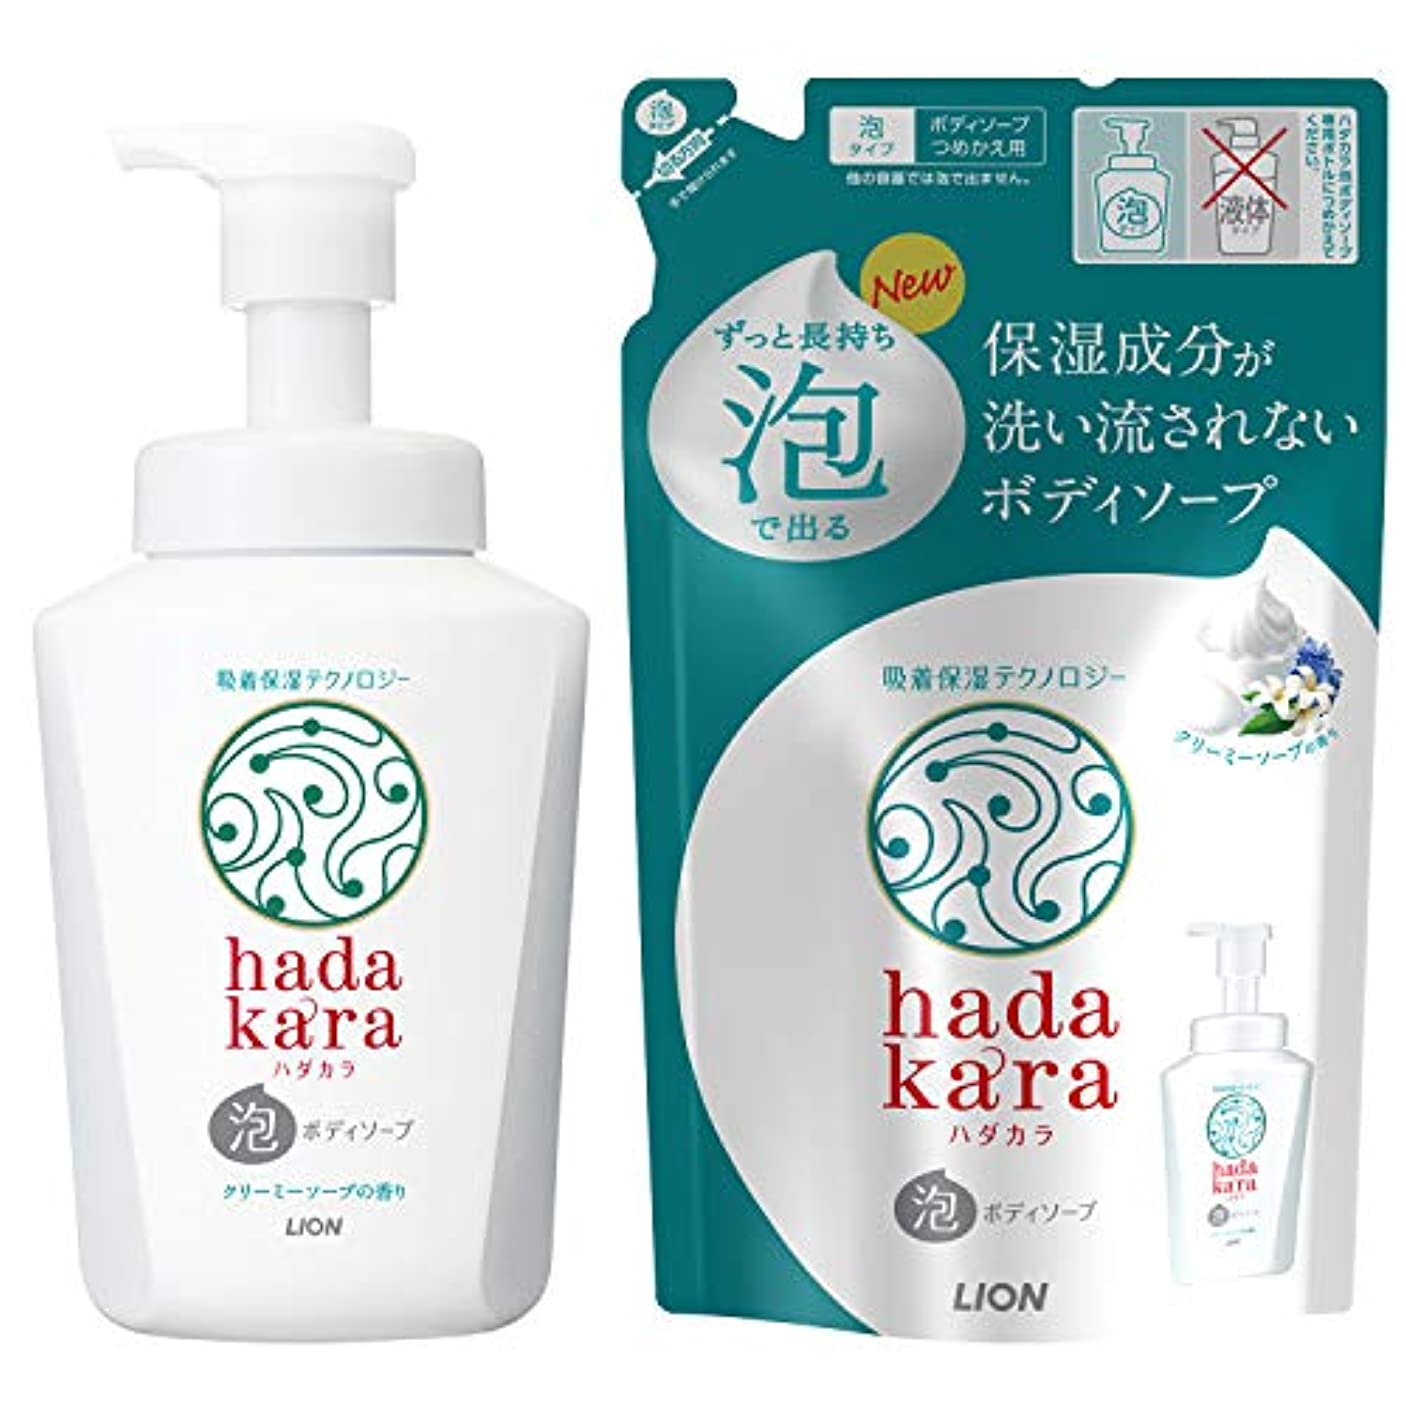 まろやかな増幅器提唱するhadakara(ハダカラ) ボディソープ 泡タイプ クリーミーソープの香り 本体550ml+詰替440ml